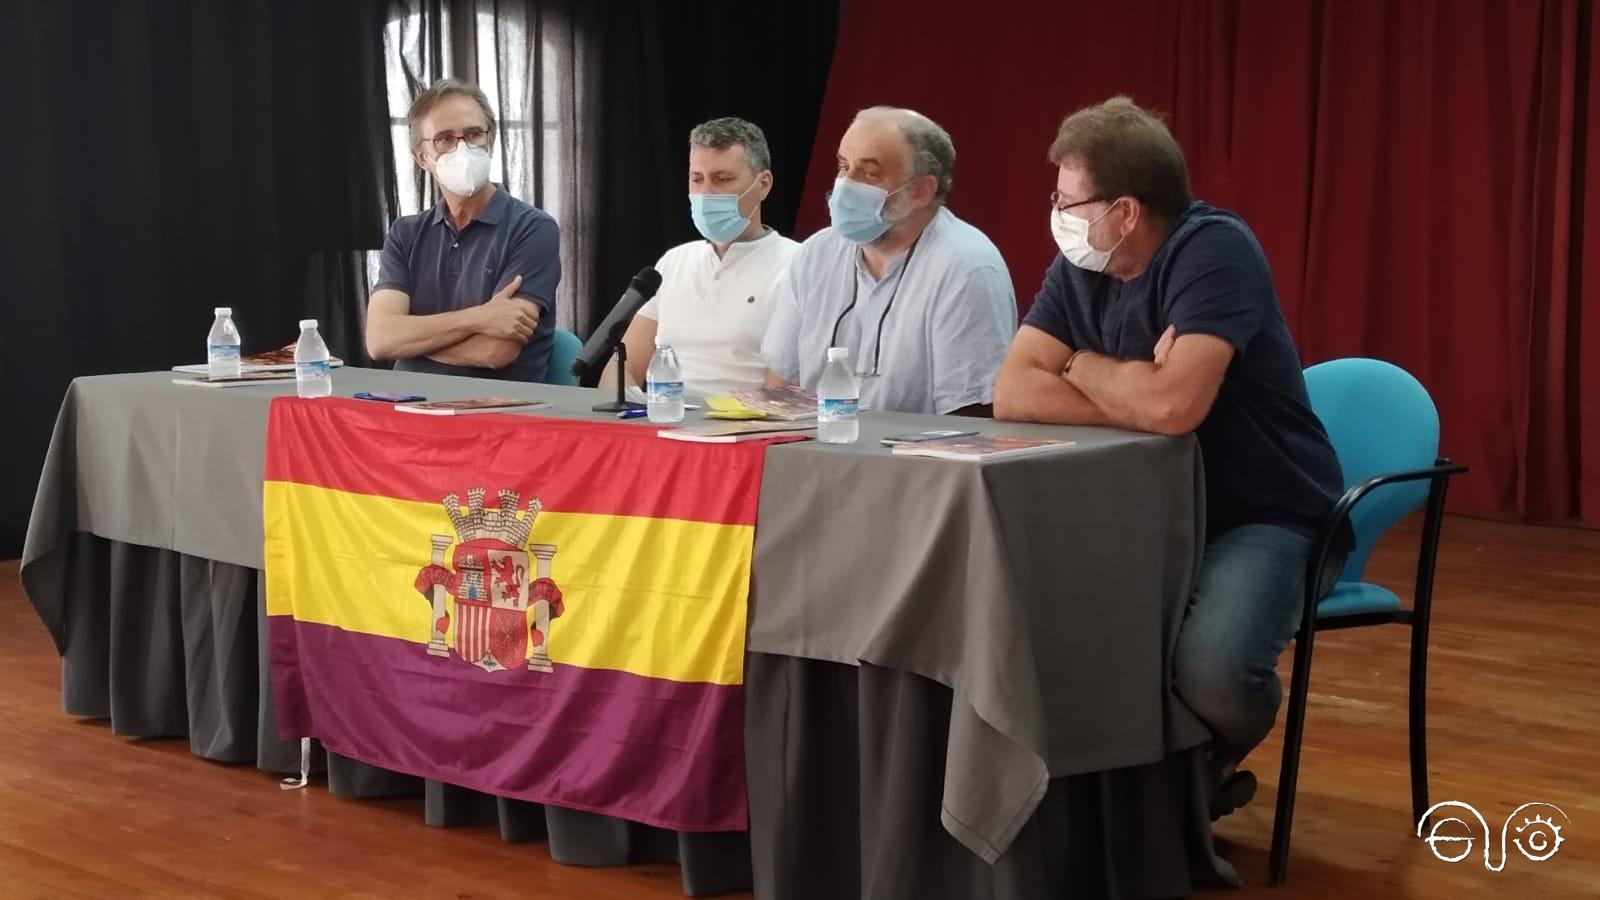 El representante de los familiares, pascual Collado; el alcalde, Francisco Gómez; El autor del libro, Juan León Moriche; y el presidente del Foro, Andrés Rebolledo.